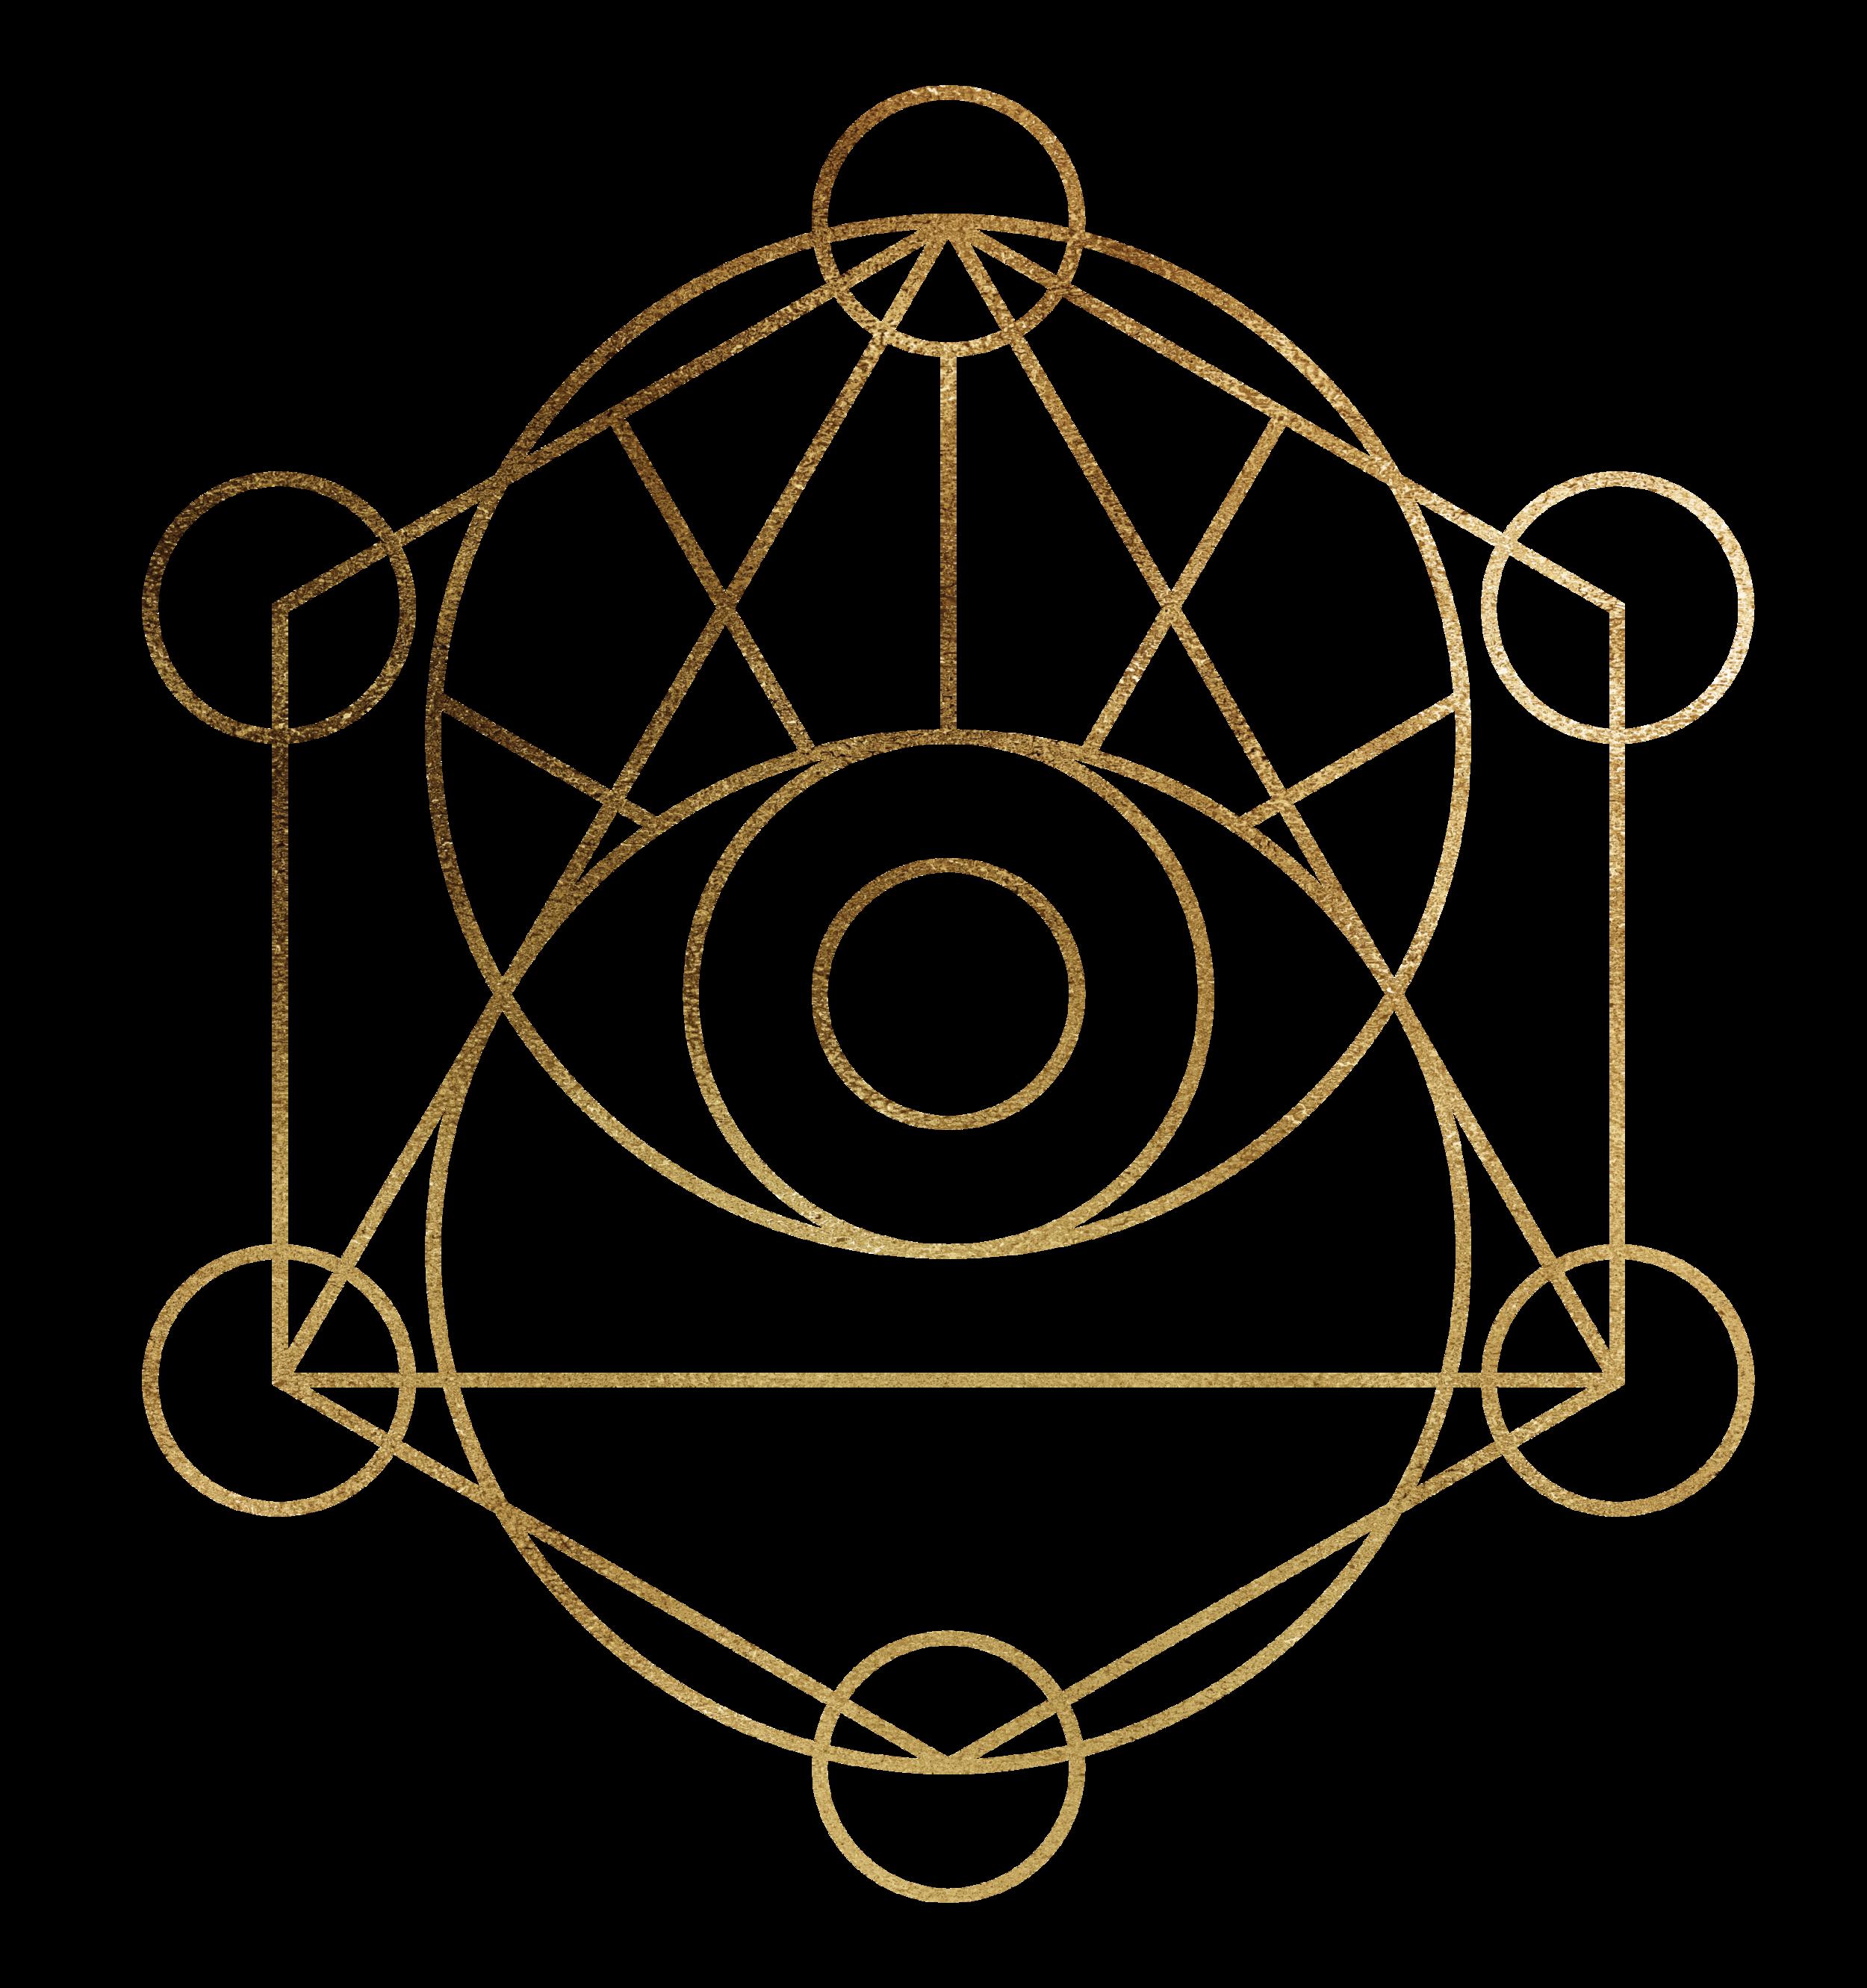 sacredsymbol-01.png